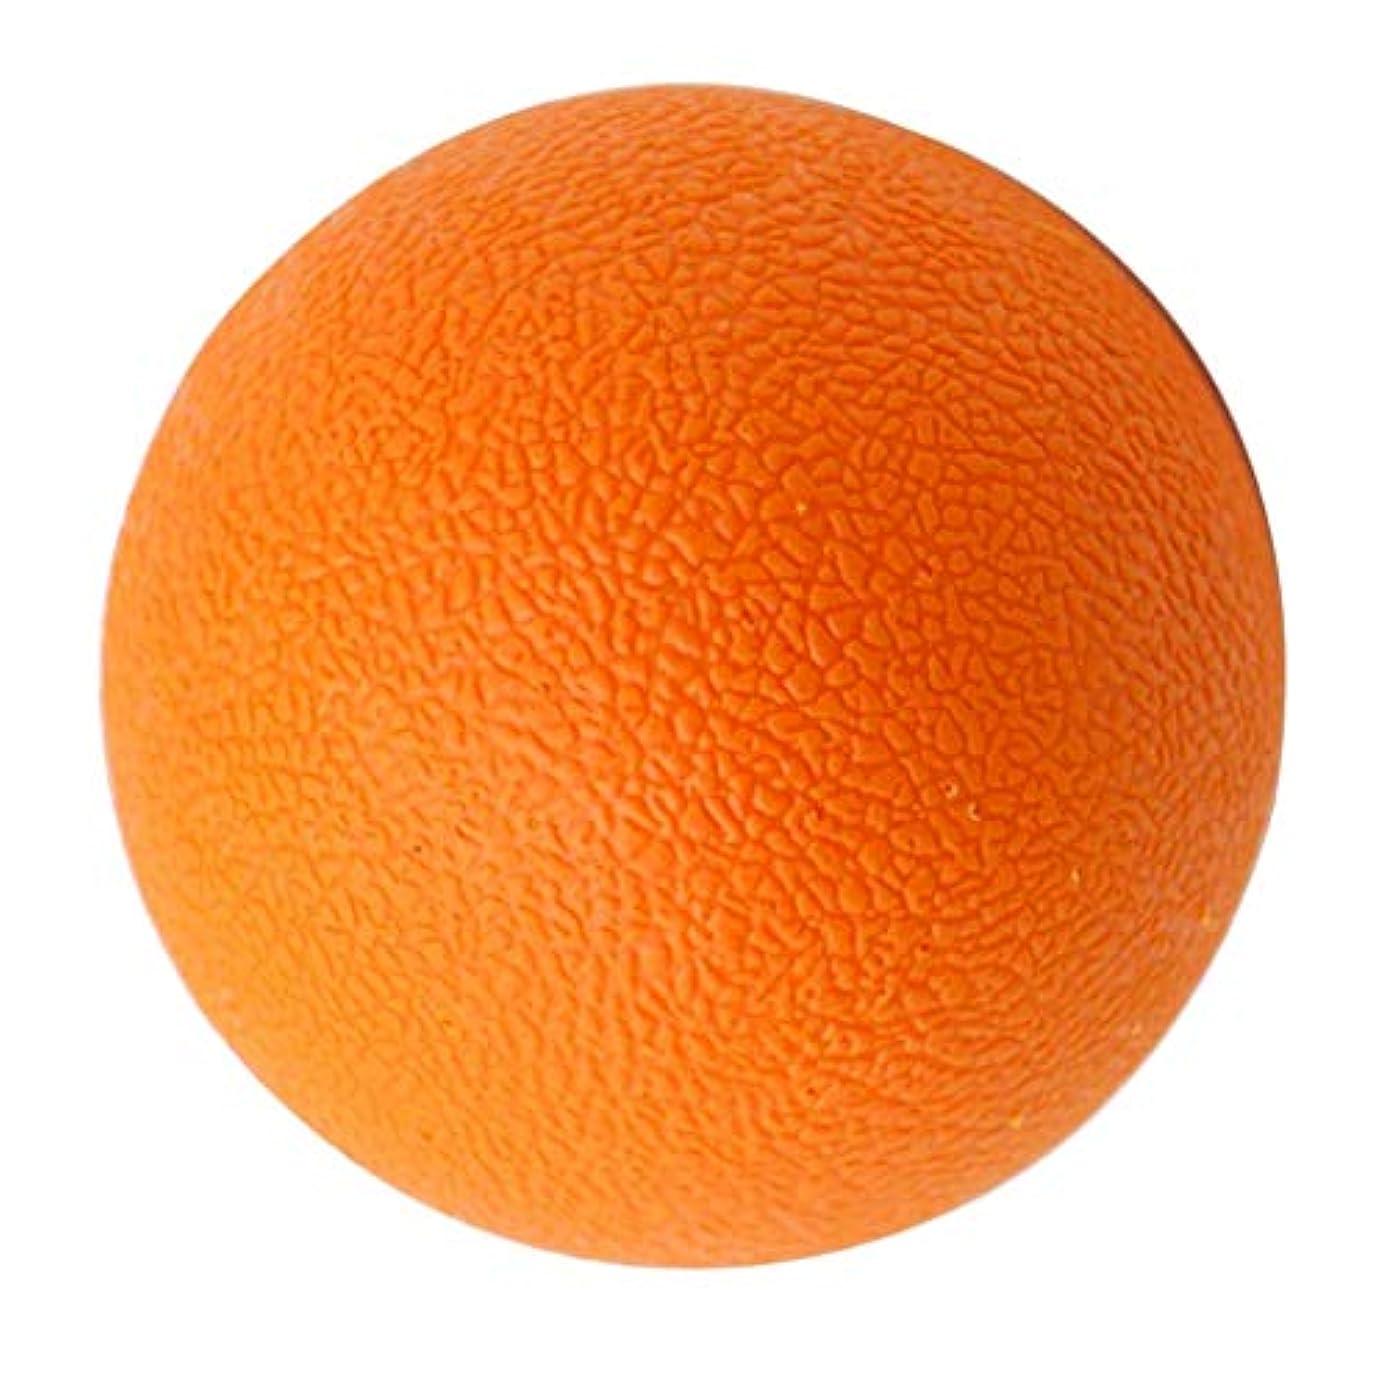 冒険順番レーダーCUTICATE ラクロスボール マッサージボール トリガーポイント 筋膜リリース 腕、首、背中 解消 オレンジ